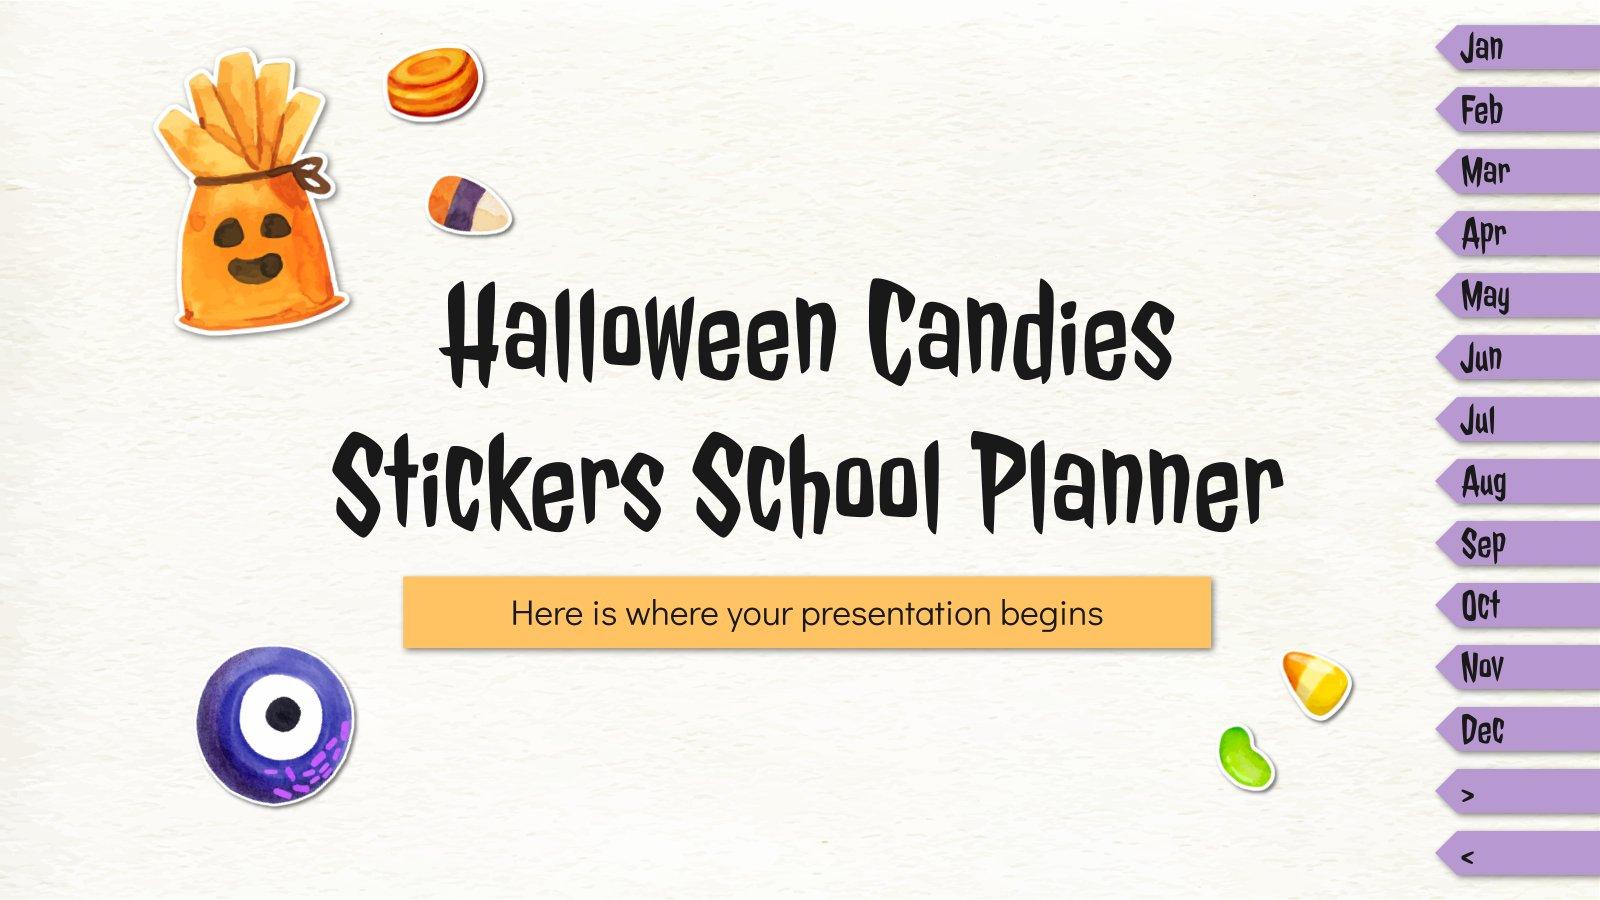 Plantilla de presentación Planner con stickers de halloween